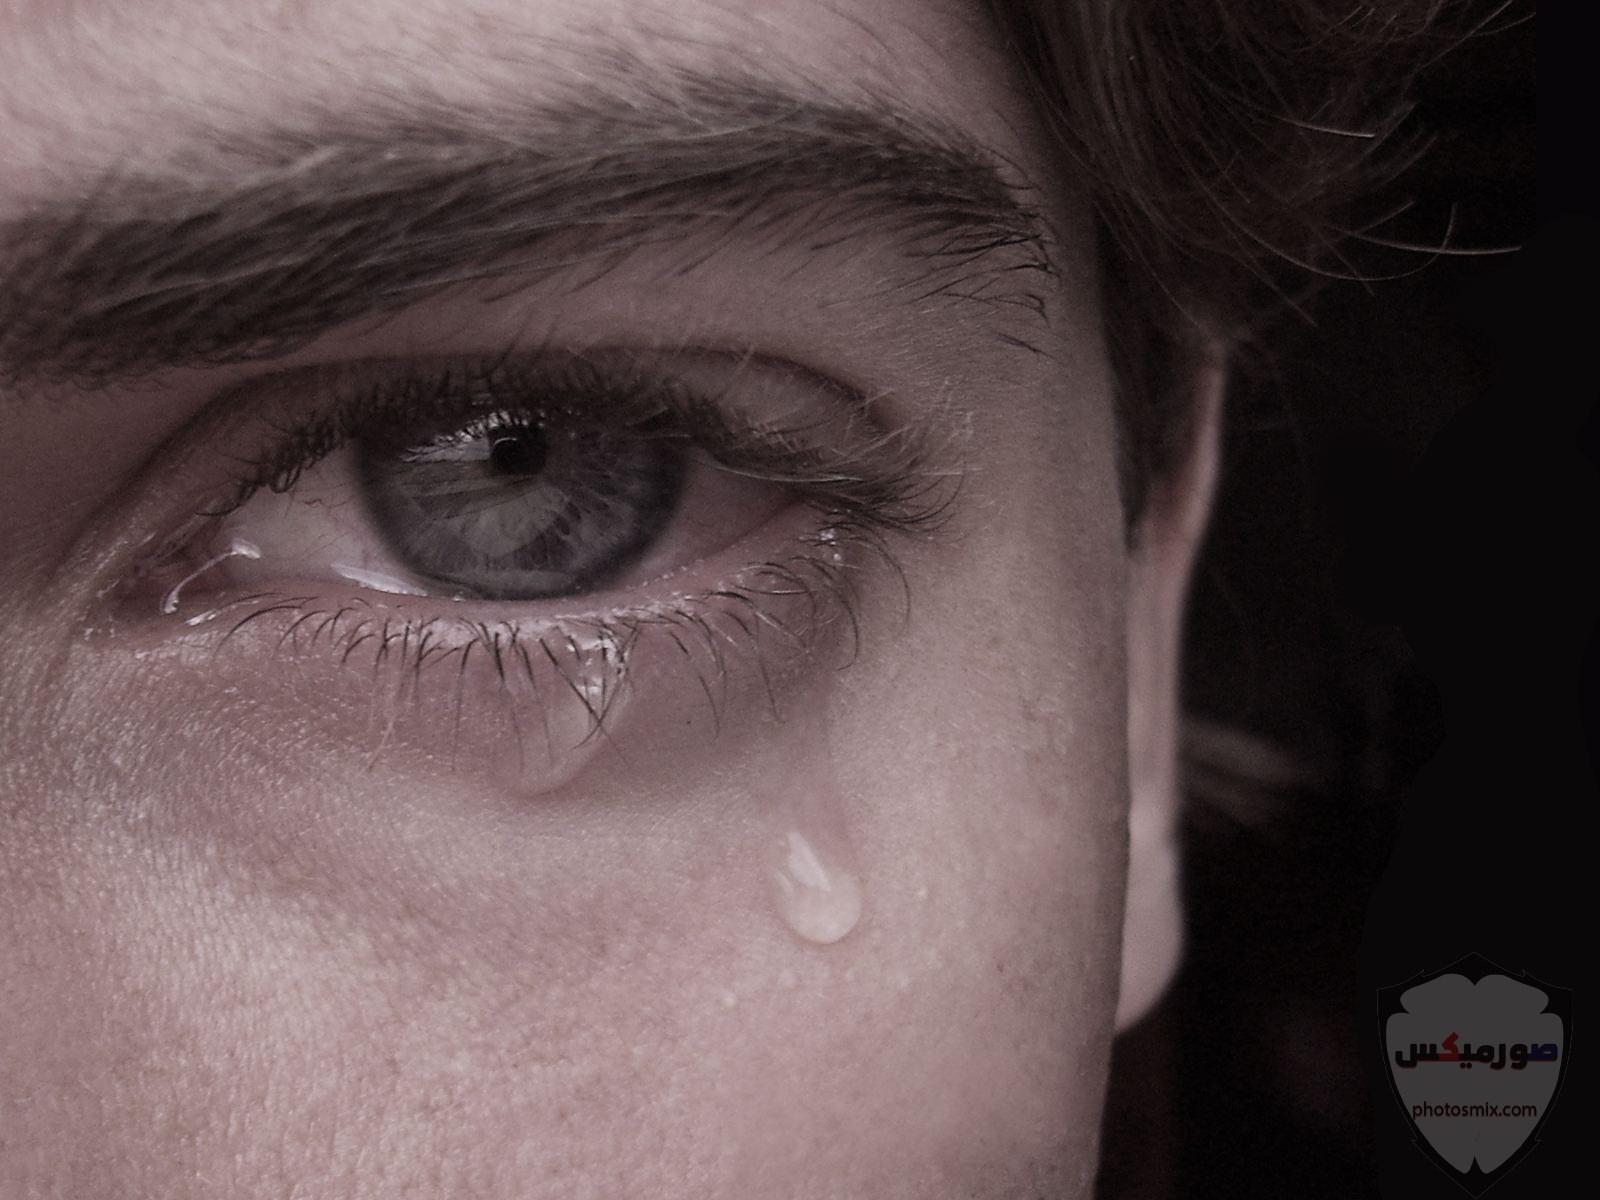 صور حزن جديدة 2020، صور دموع ، عبارات حزينة ، صور زعل مكتوب عليها كلام حزين 2